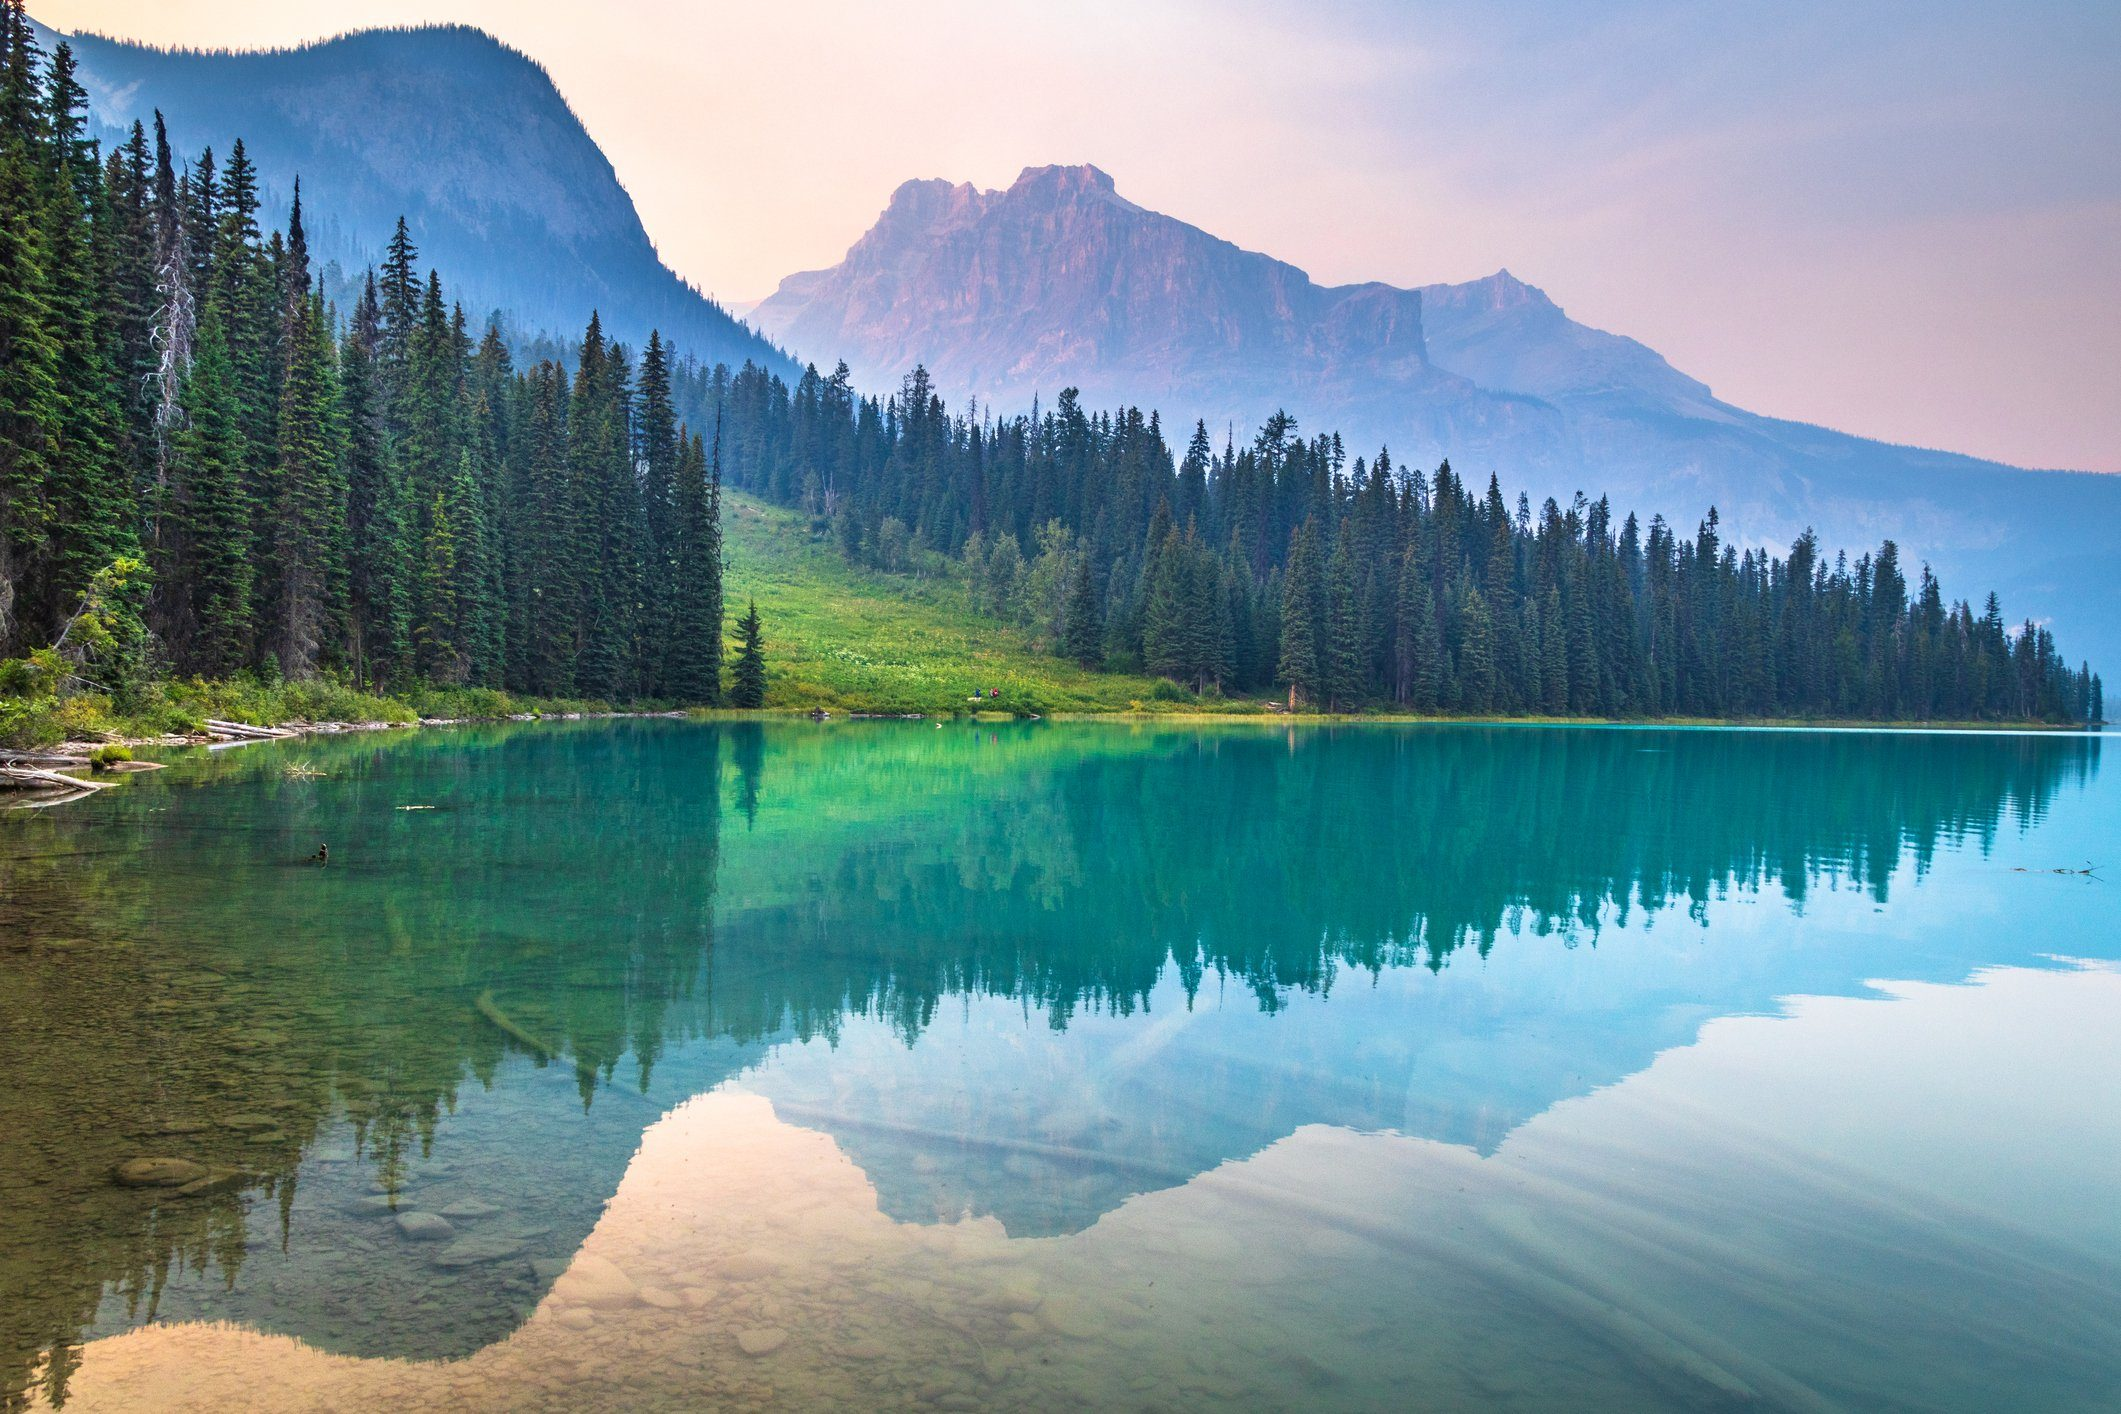 Dusk @ Emerald Lake, Yoho National Park, British Columbia, Canada